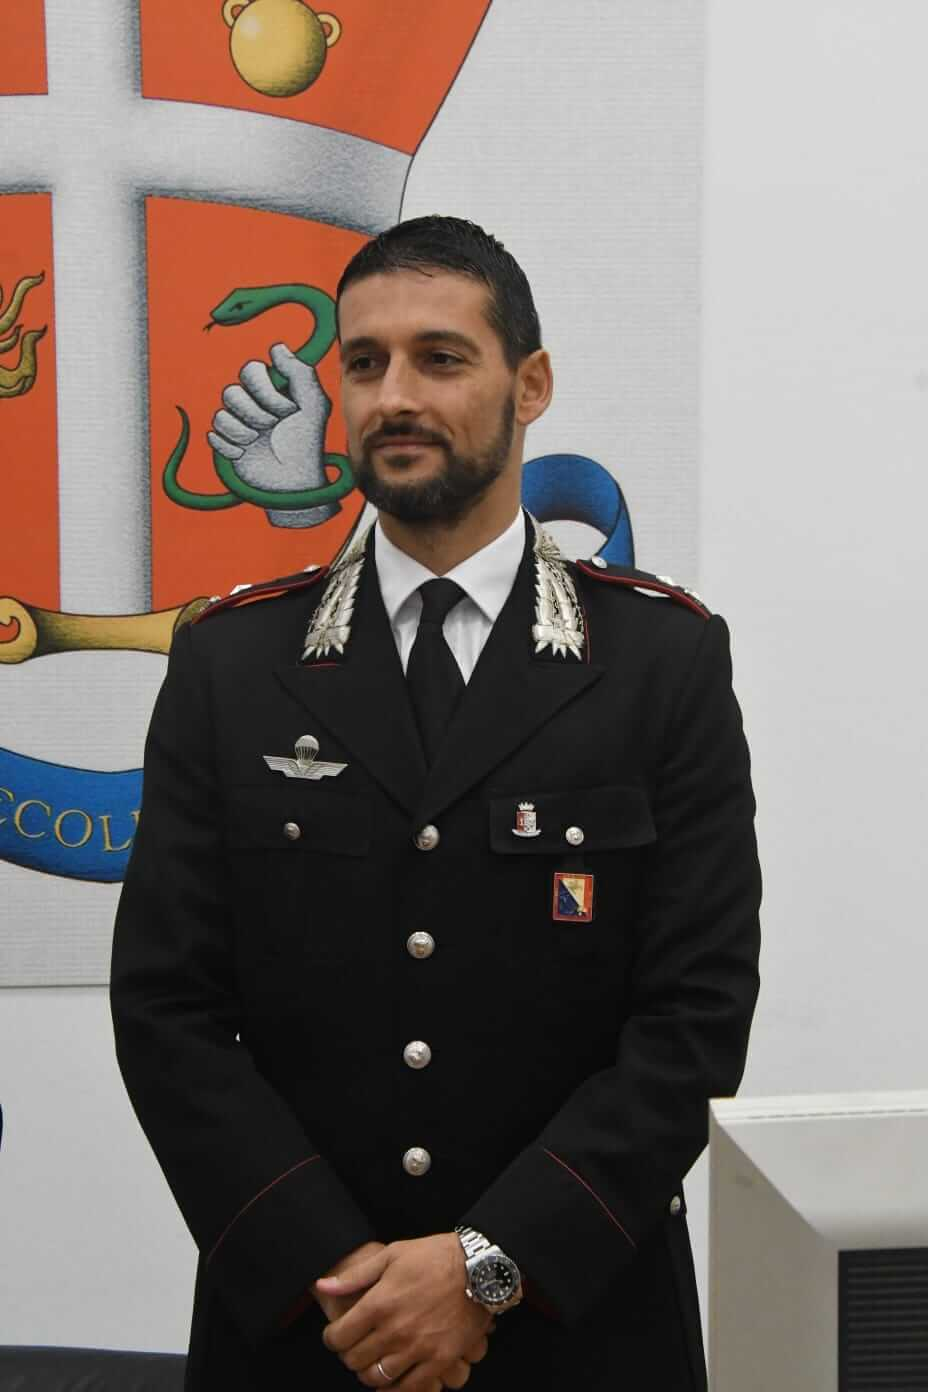 Il maggiore Giodi Liguanti è il nuovo comandante del nucleo investigativo dei Carabinieri di Massa